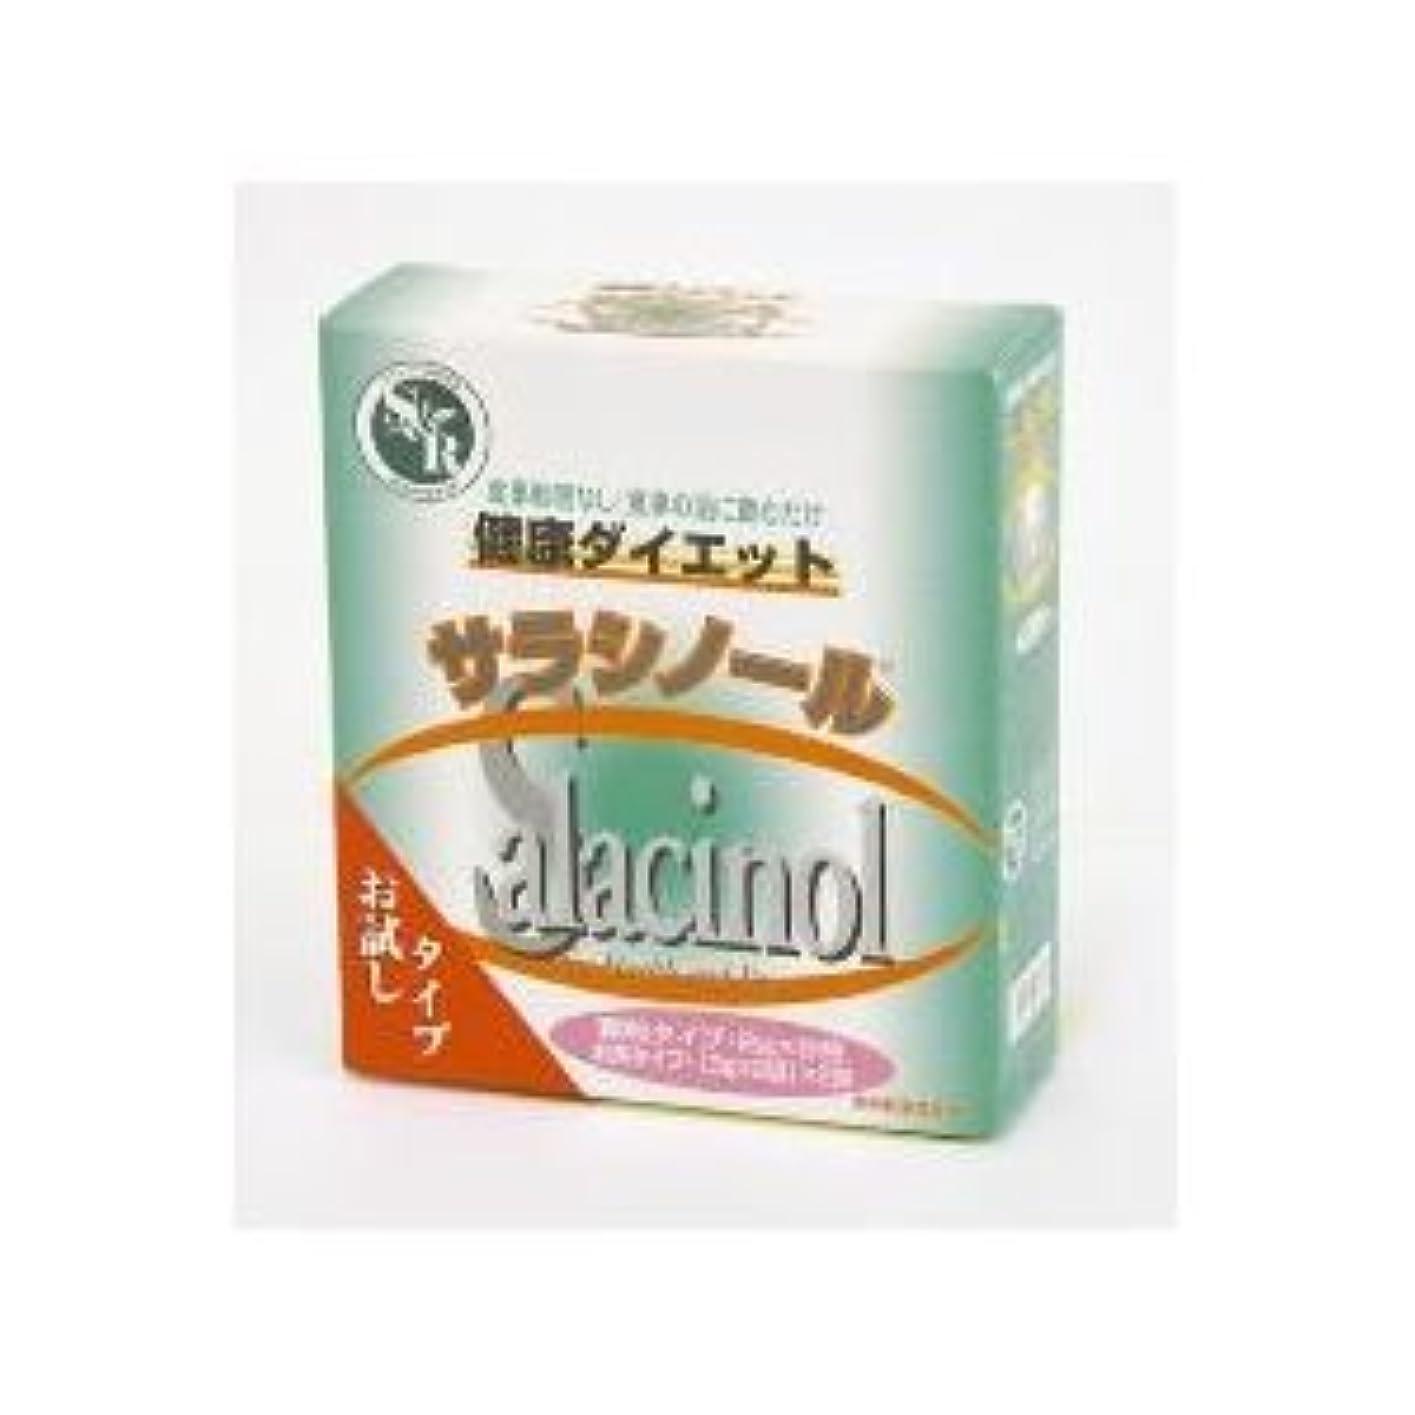 エンジンおとなしいとても多くのサラシノールお試しタイプ顆粒 9包+お茶4包